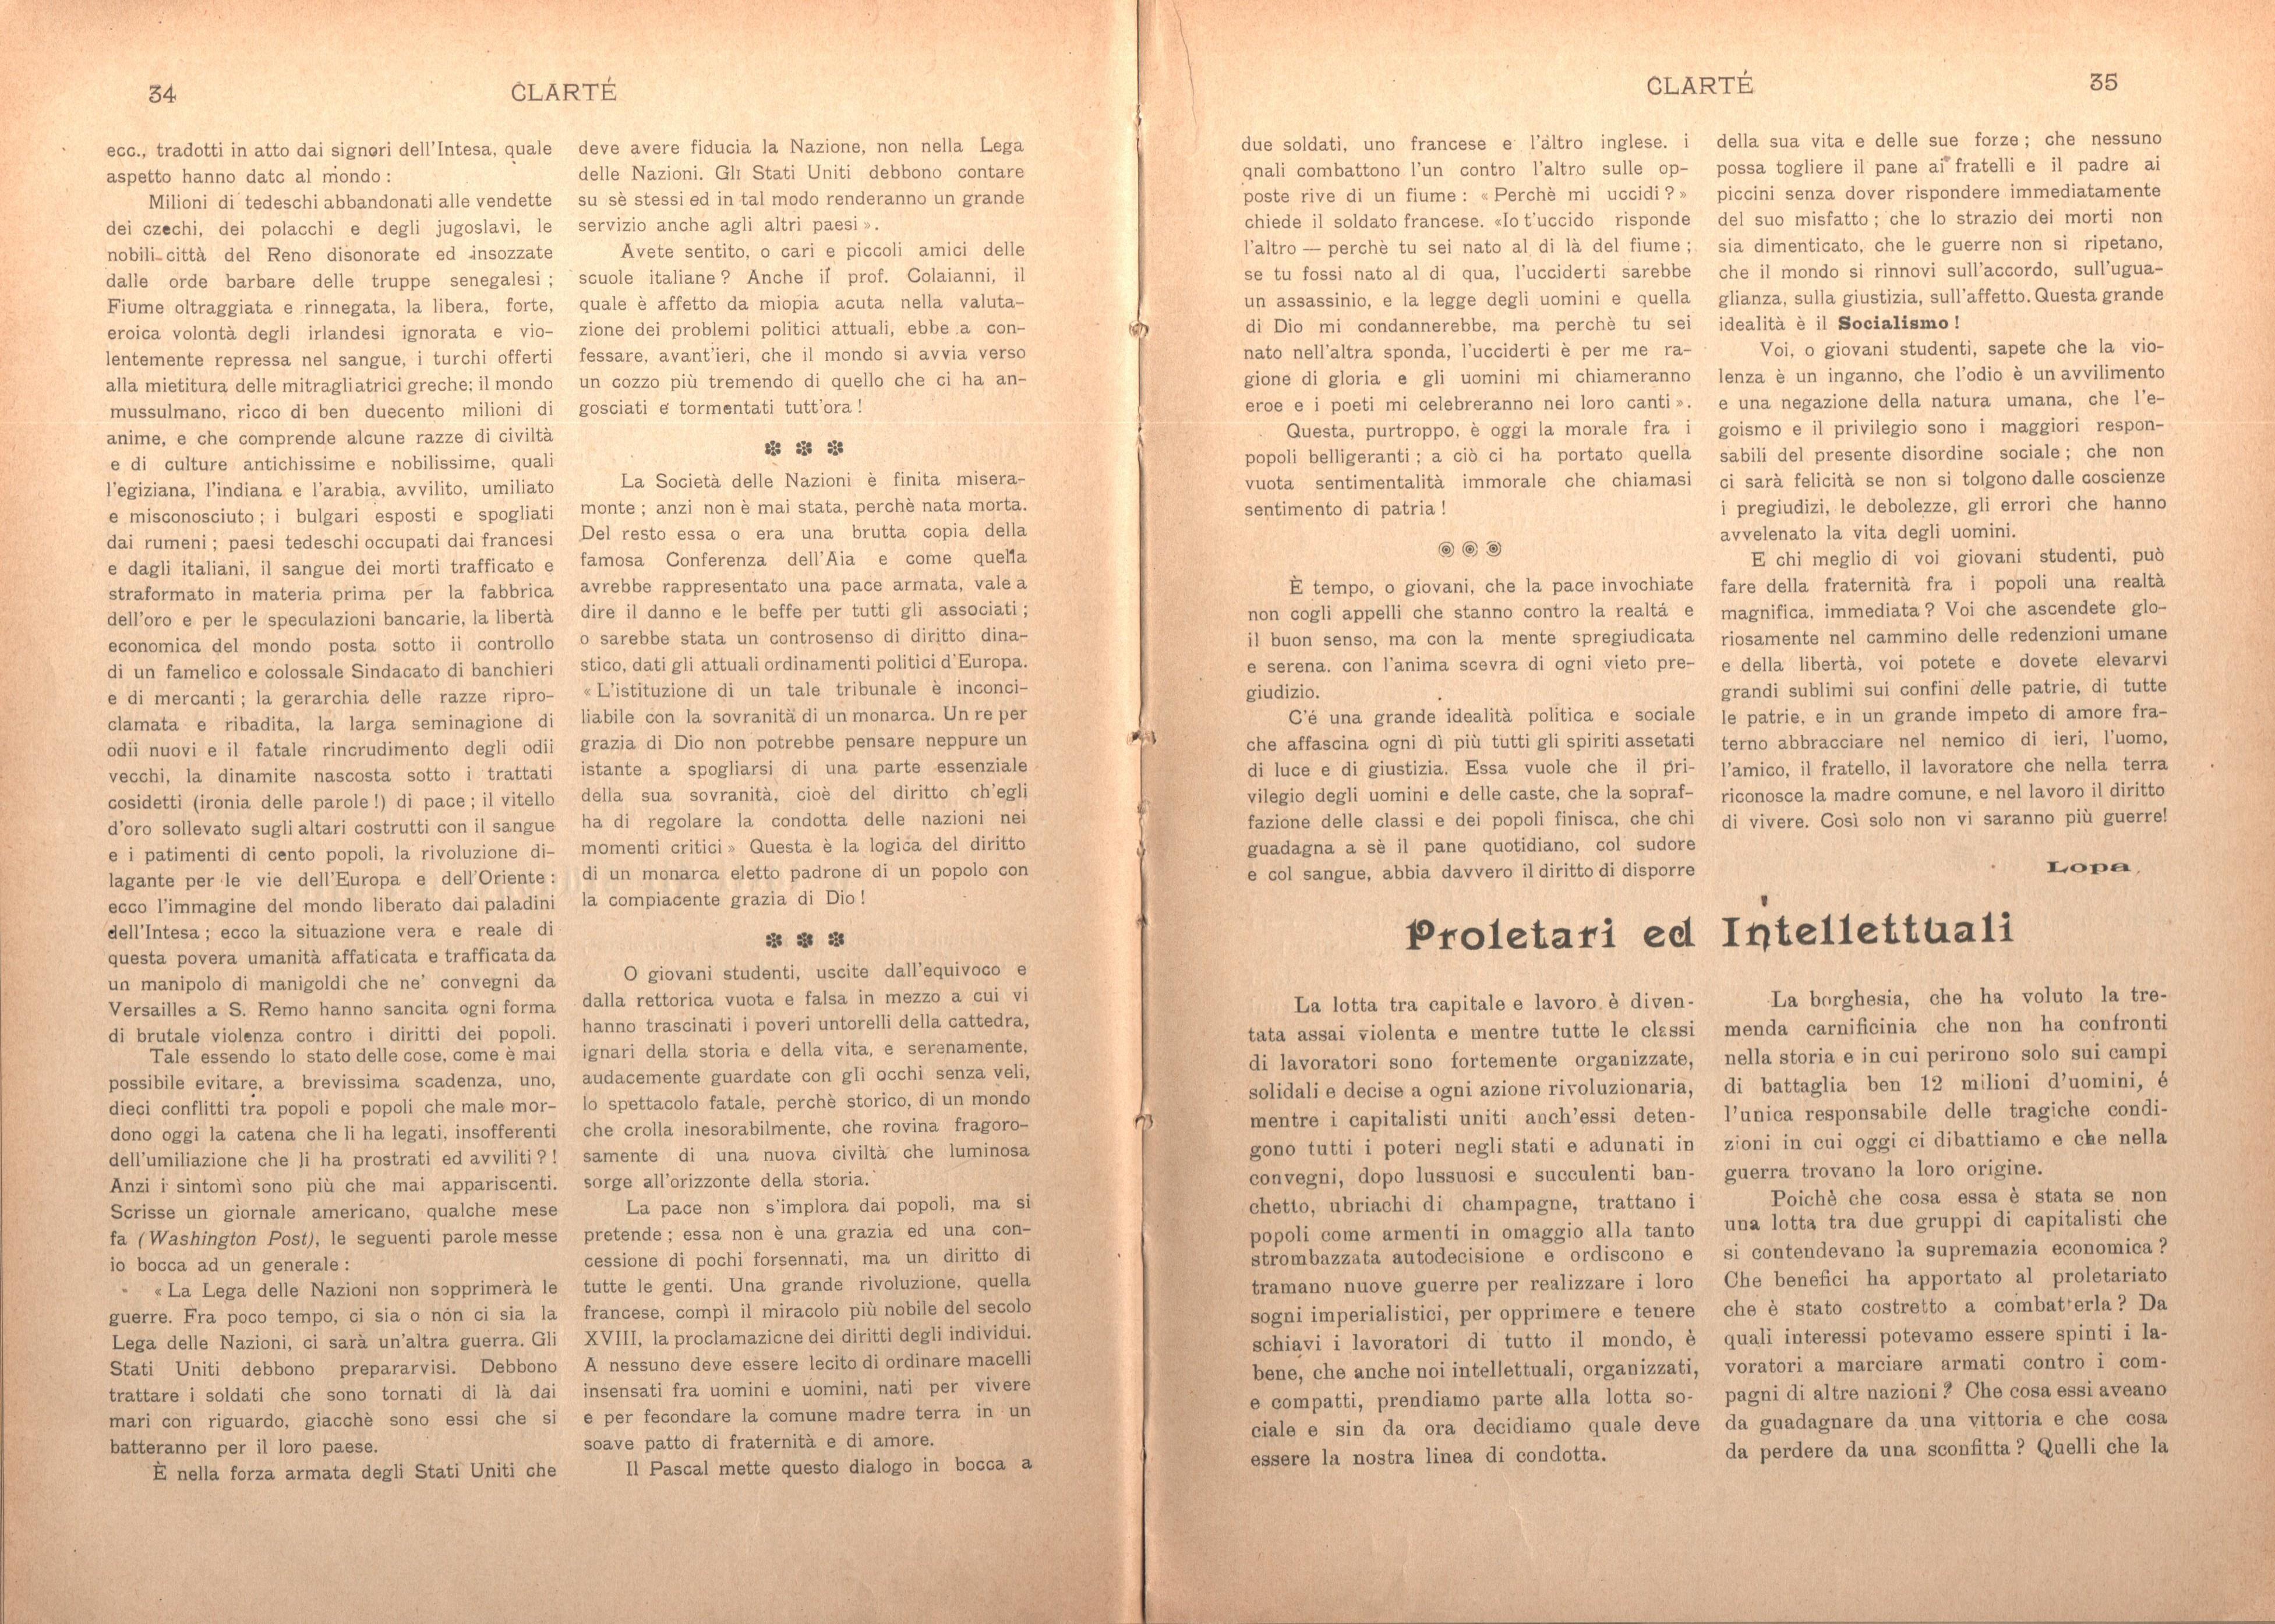 Clarté. Rivista mensile degli studenti comunisti (a. I, n. 2, Palermo, 15 giugno 1920) - pag. 7